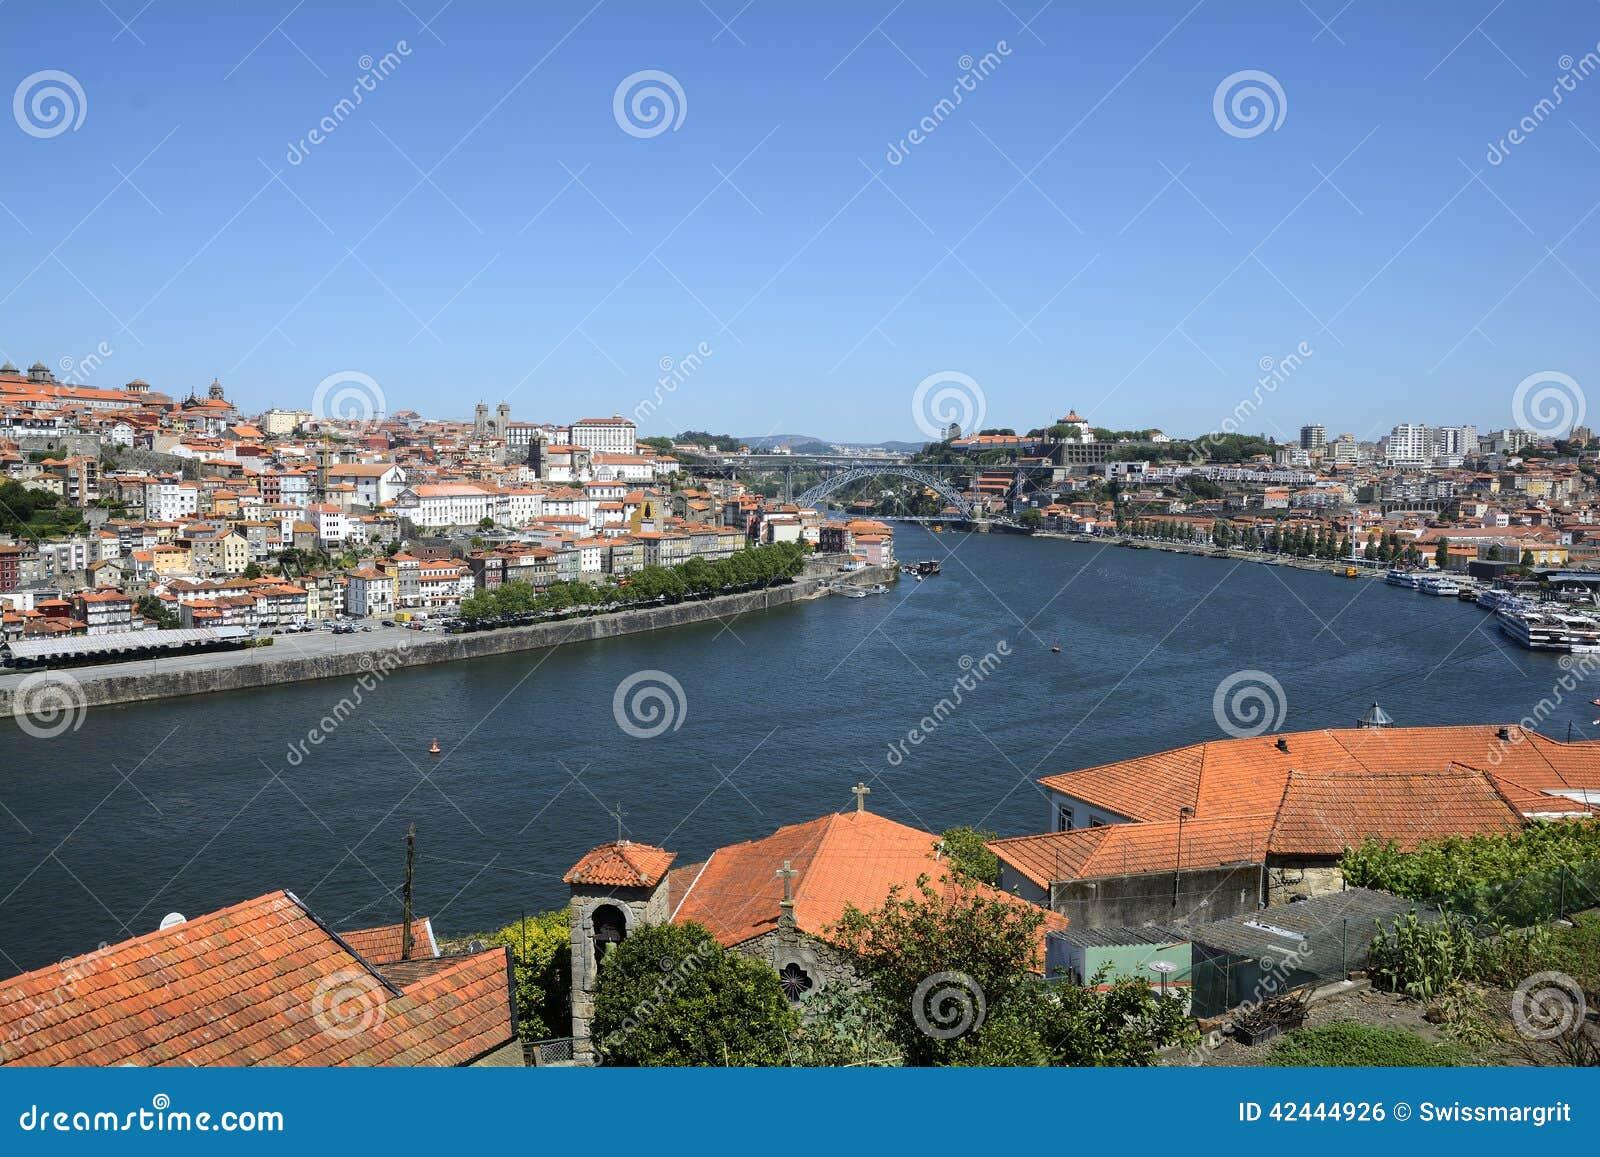 Ciudad histórica de Oporto en Portugal